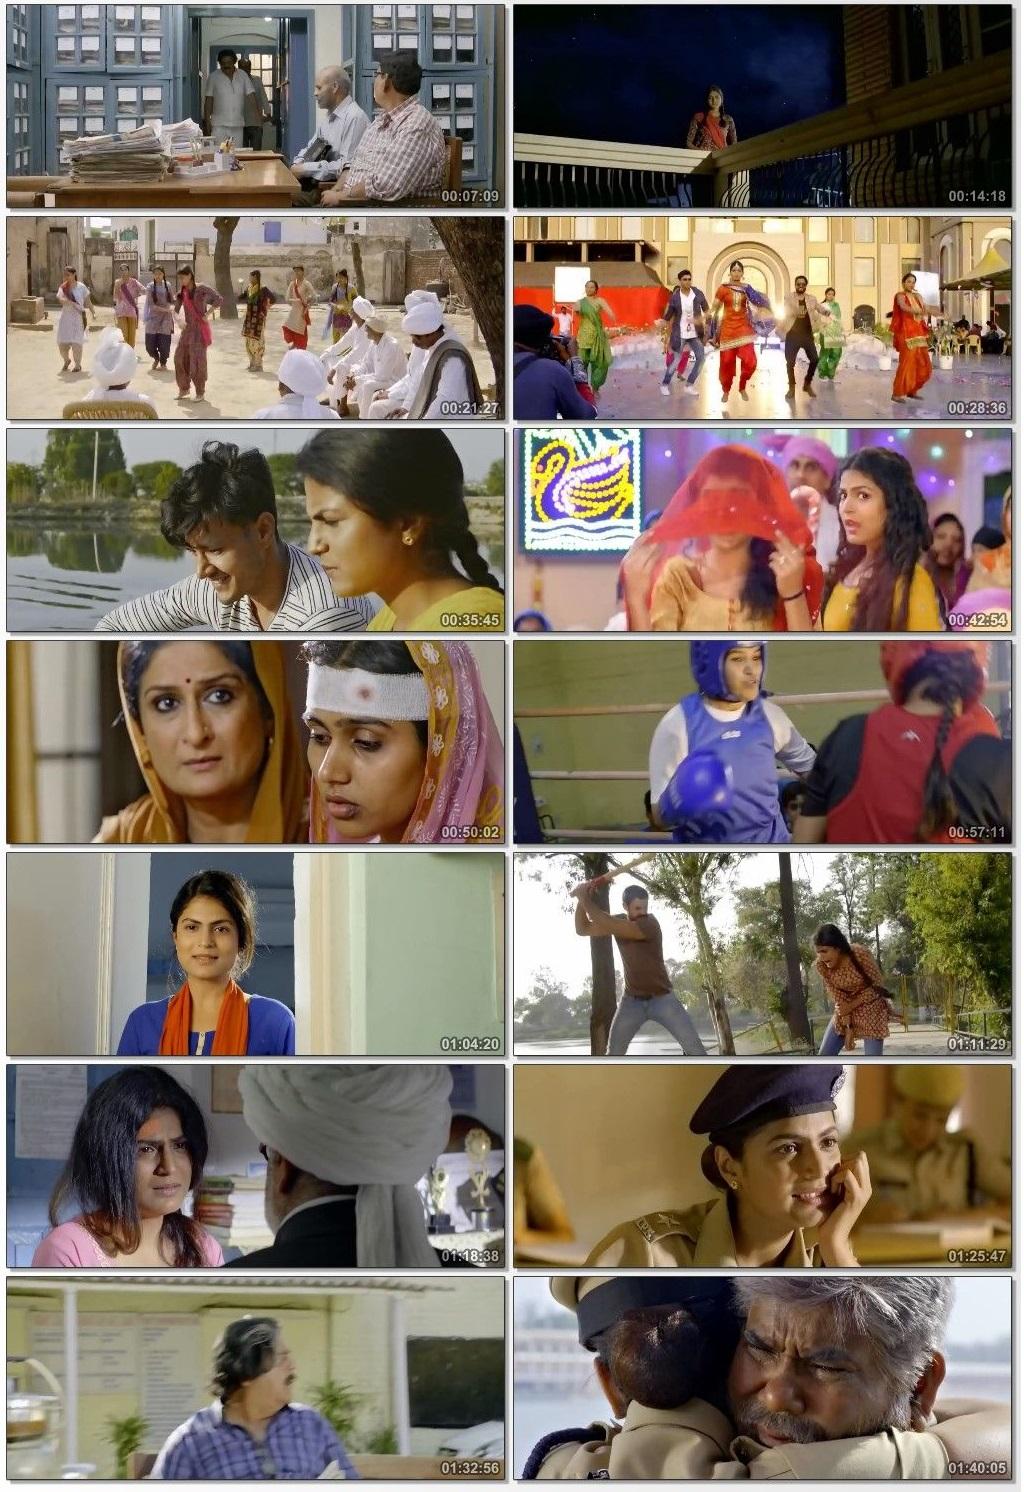 Chhorriyan Chhoron Se Kam Nahi Hoti 2019 Hindi 720p HDRip 700MB ...